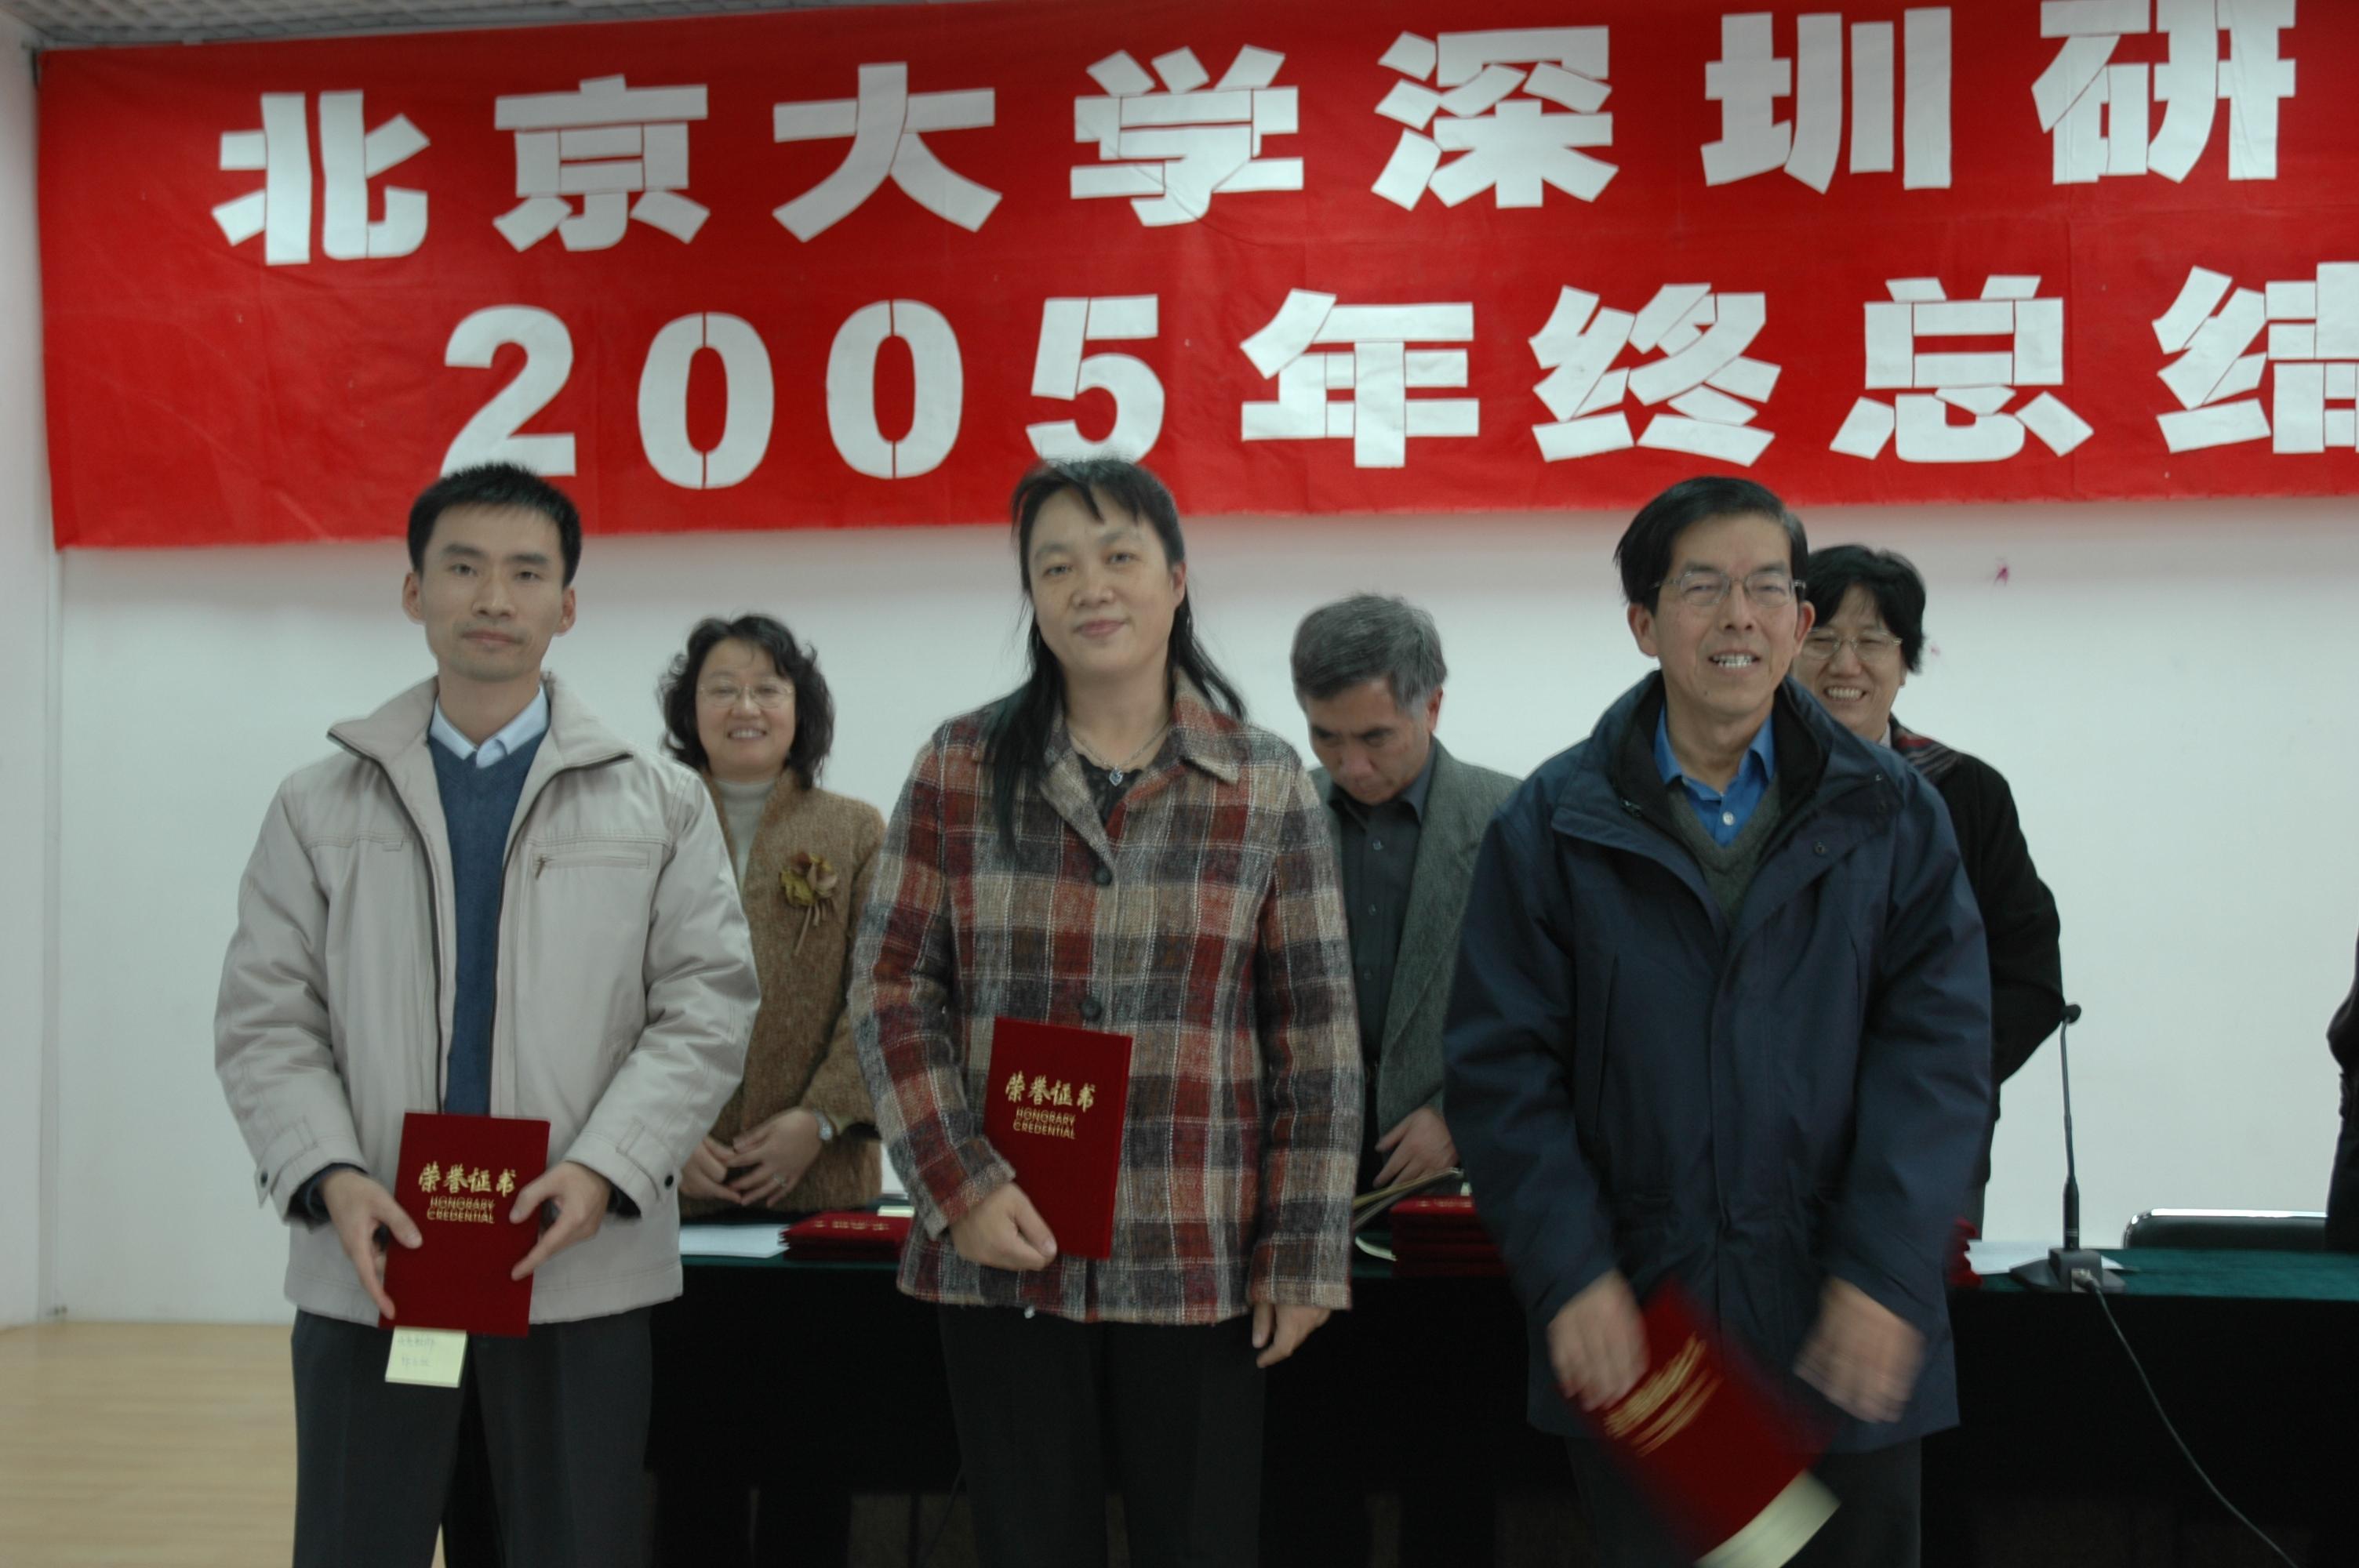 4166am备用召开2005年终总结大会